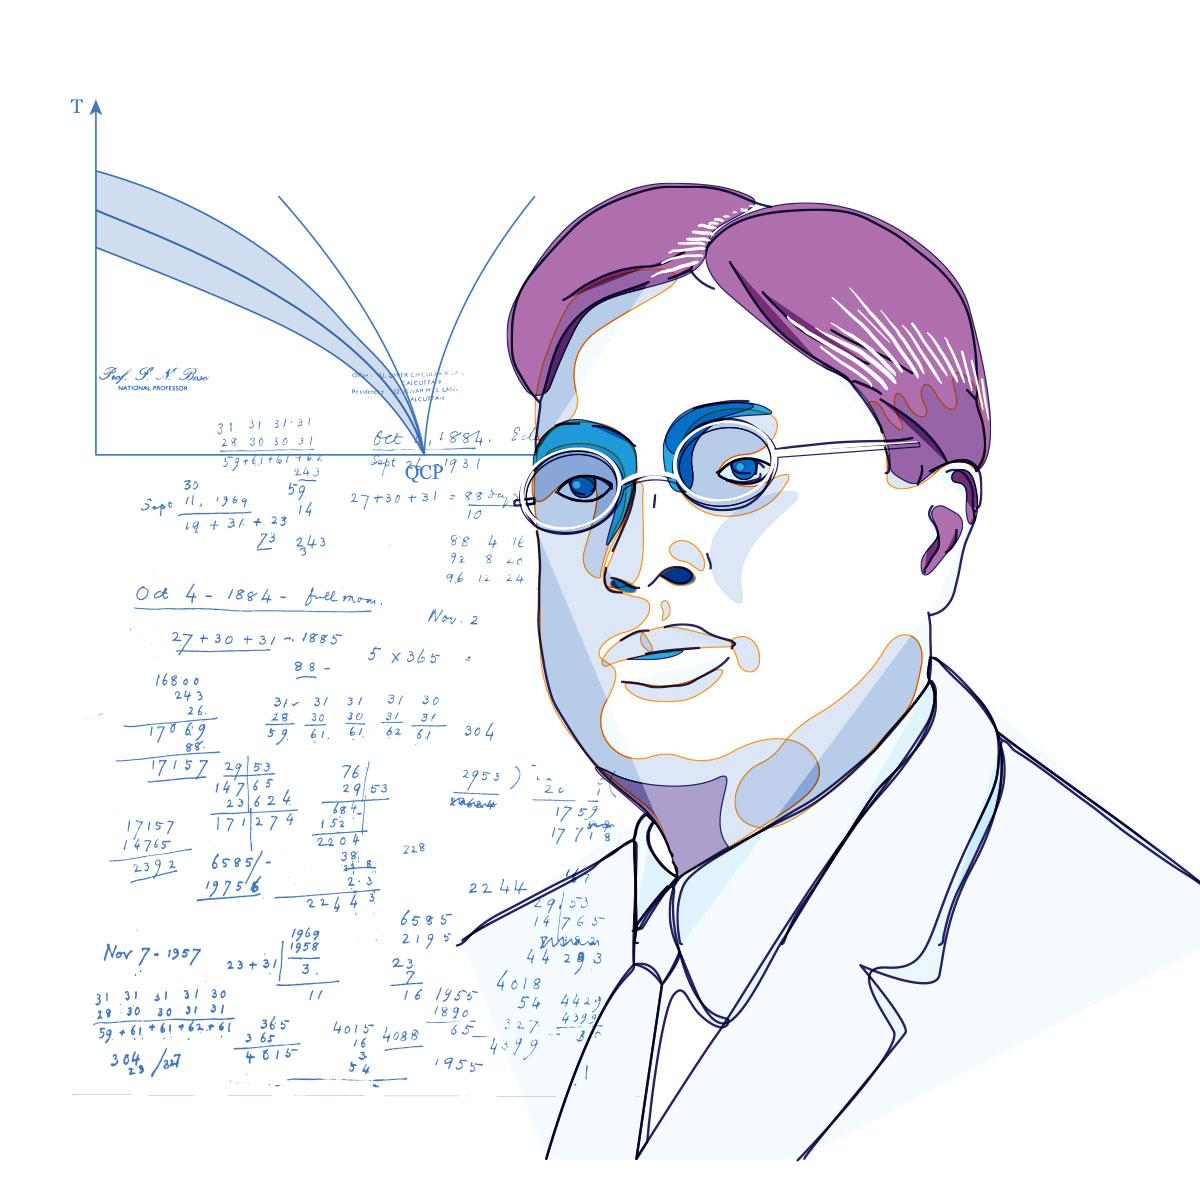 বিজ্ঞানী সত্যেন বোস : বাঙালি পদার্থবিজ্ঞানীর অধরা নোবেল